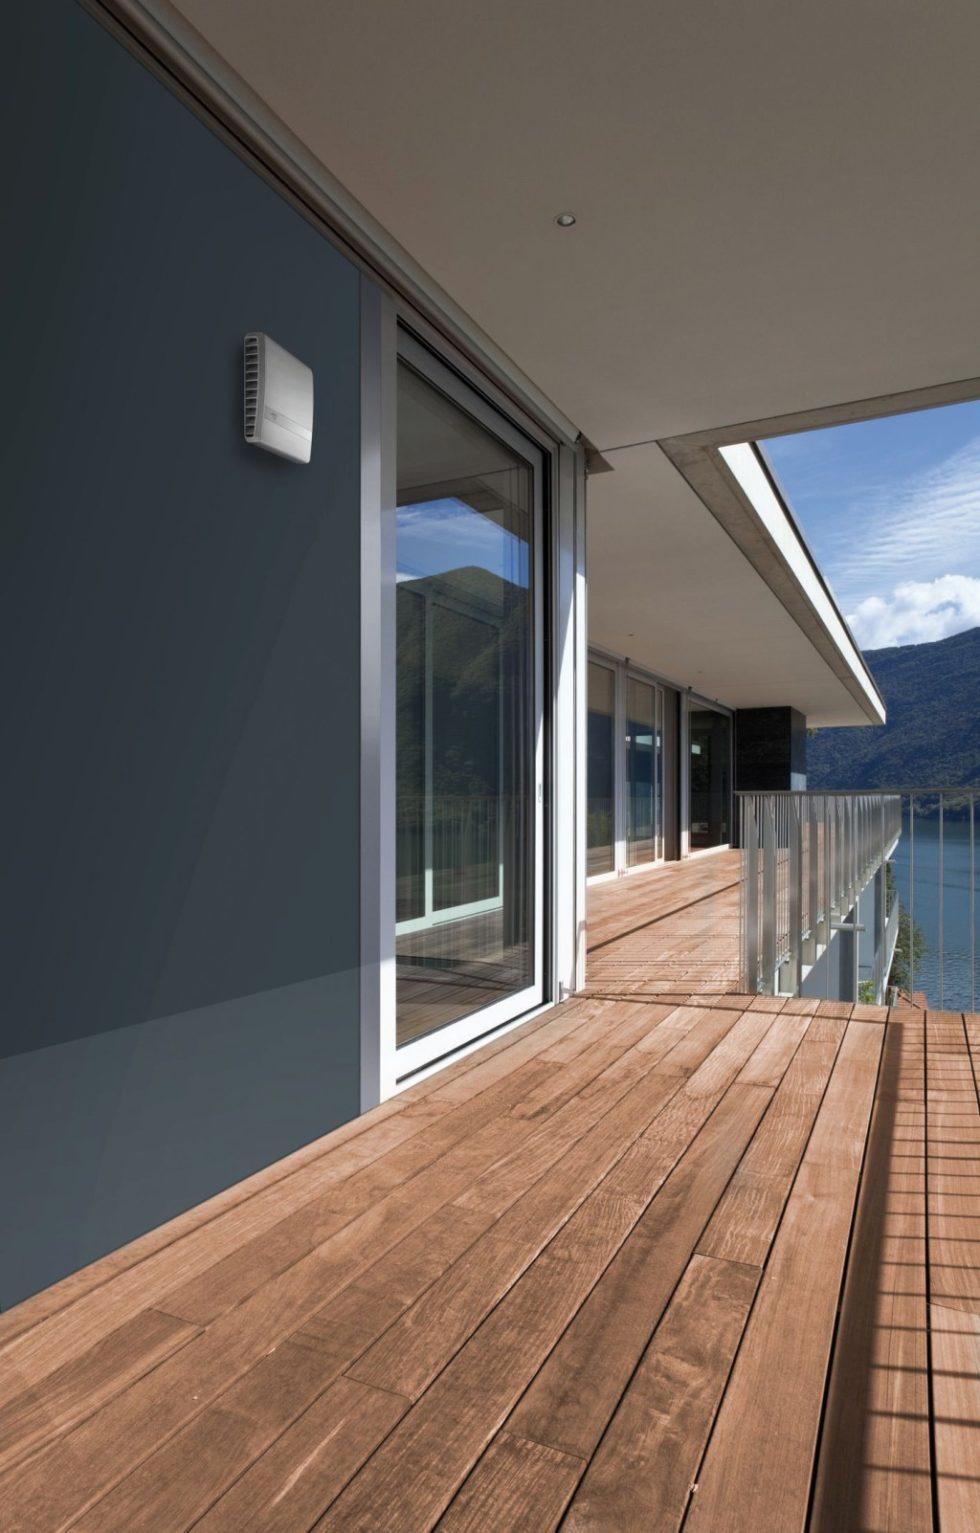 Lüftungsanlagen sind förderfähig. Im Bild eine Lösung von Lunos, die  für den horizontalen Einbau an einer Außenwand konzipiert wurde. Bild: Lunos